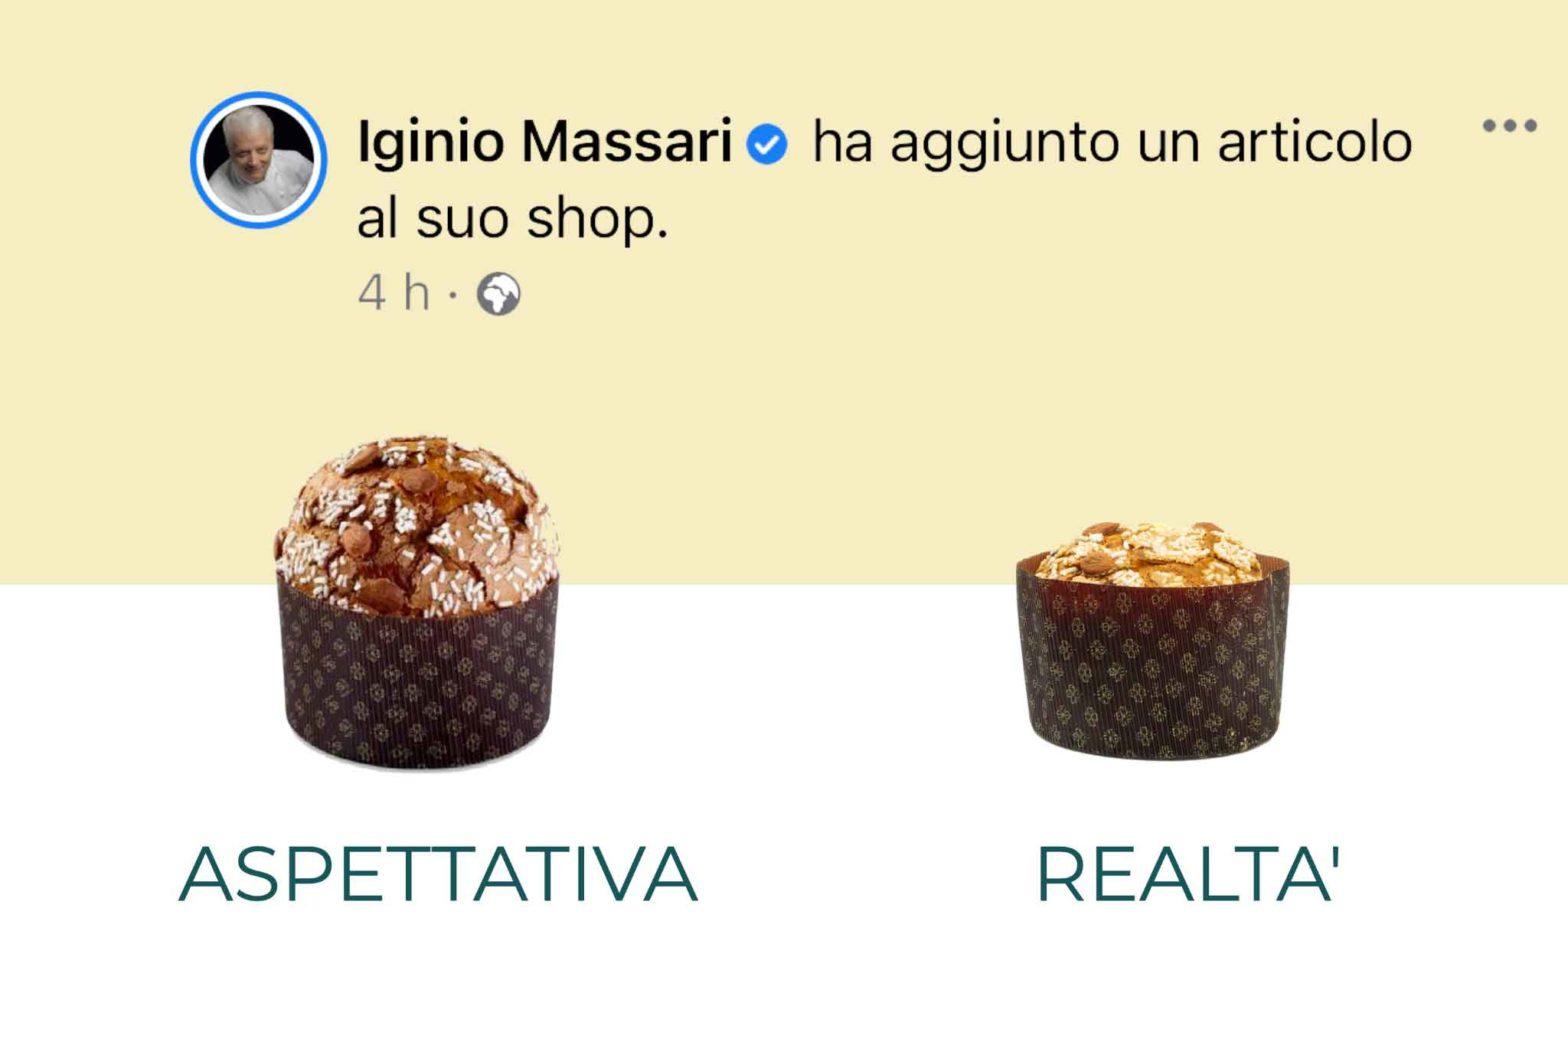 Panettone Iginio Massari